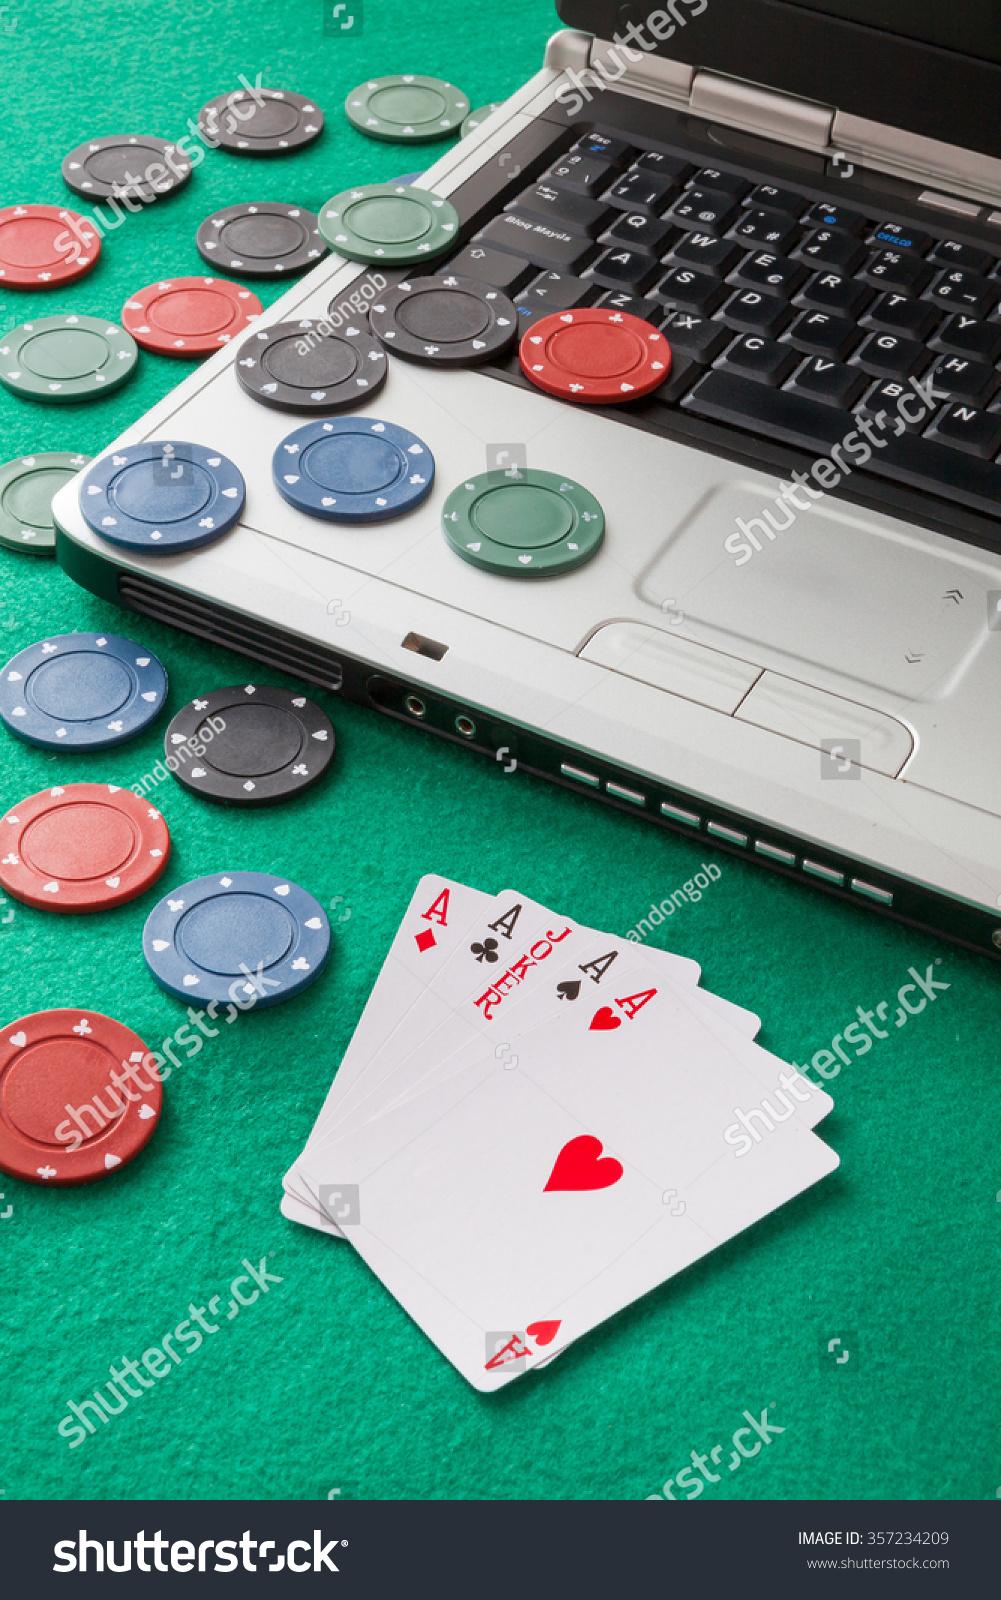 Онлайн калькулятор казино игра в казино с живым дилером